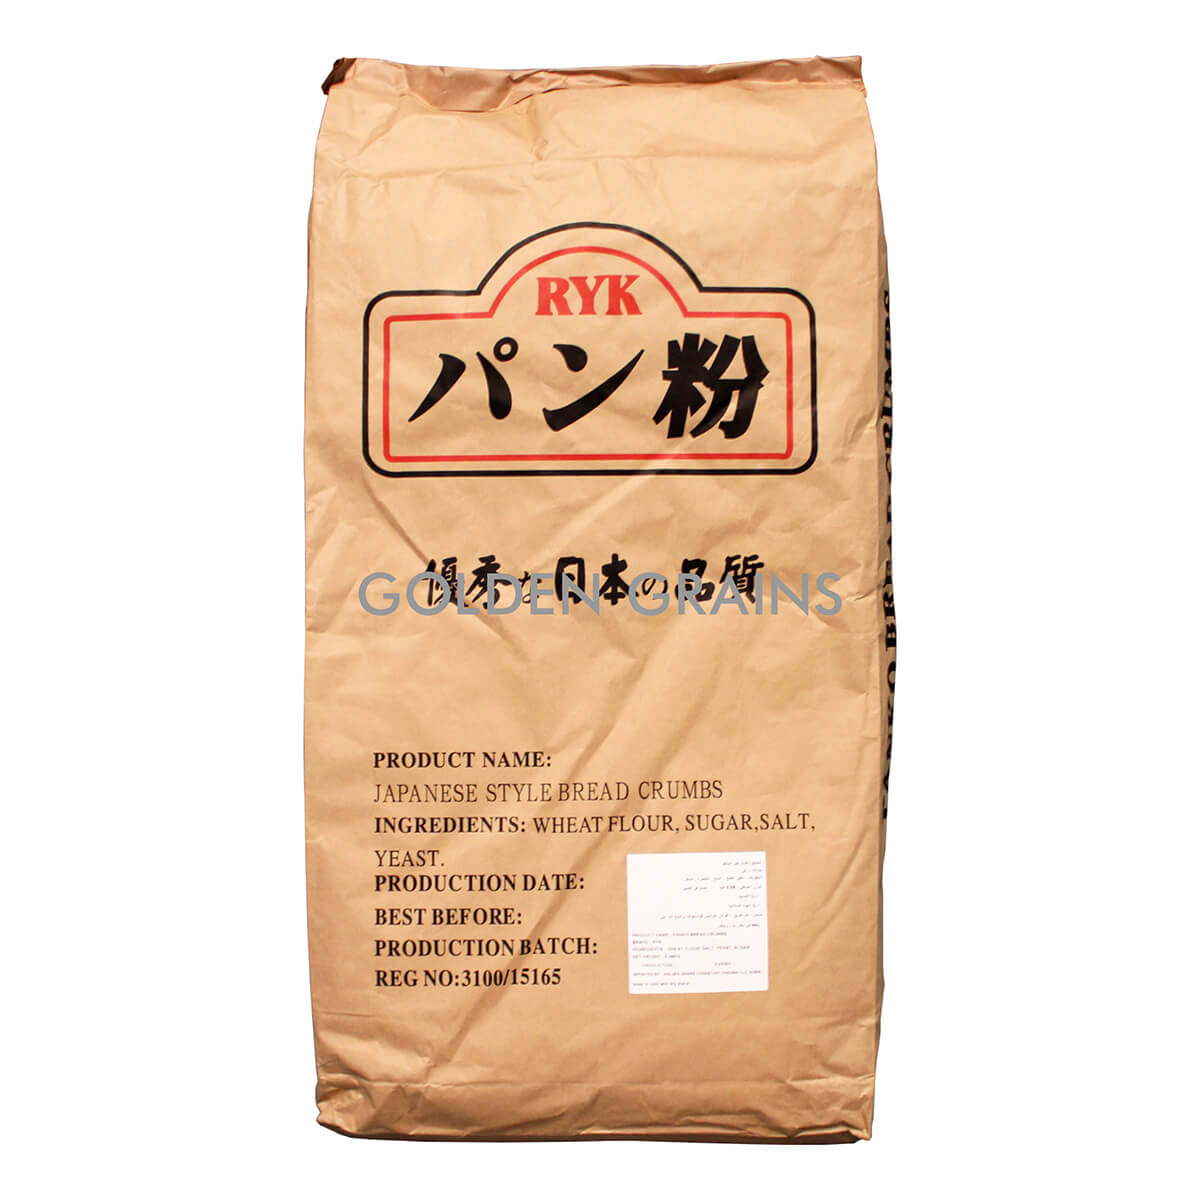 Golden Grains - RYK - Bread Crumbs - Front.jpg